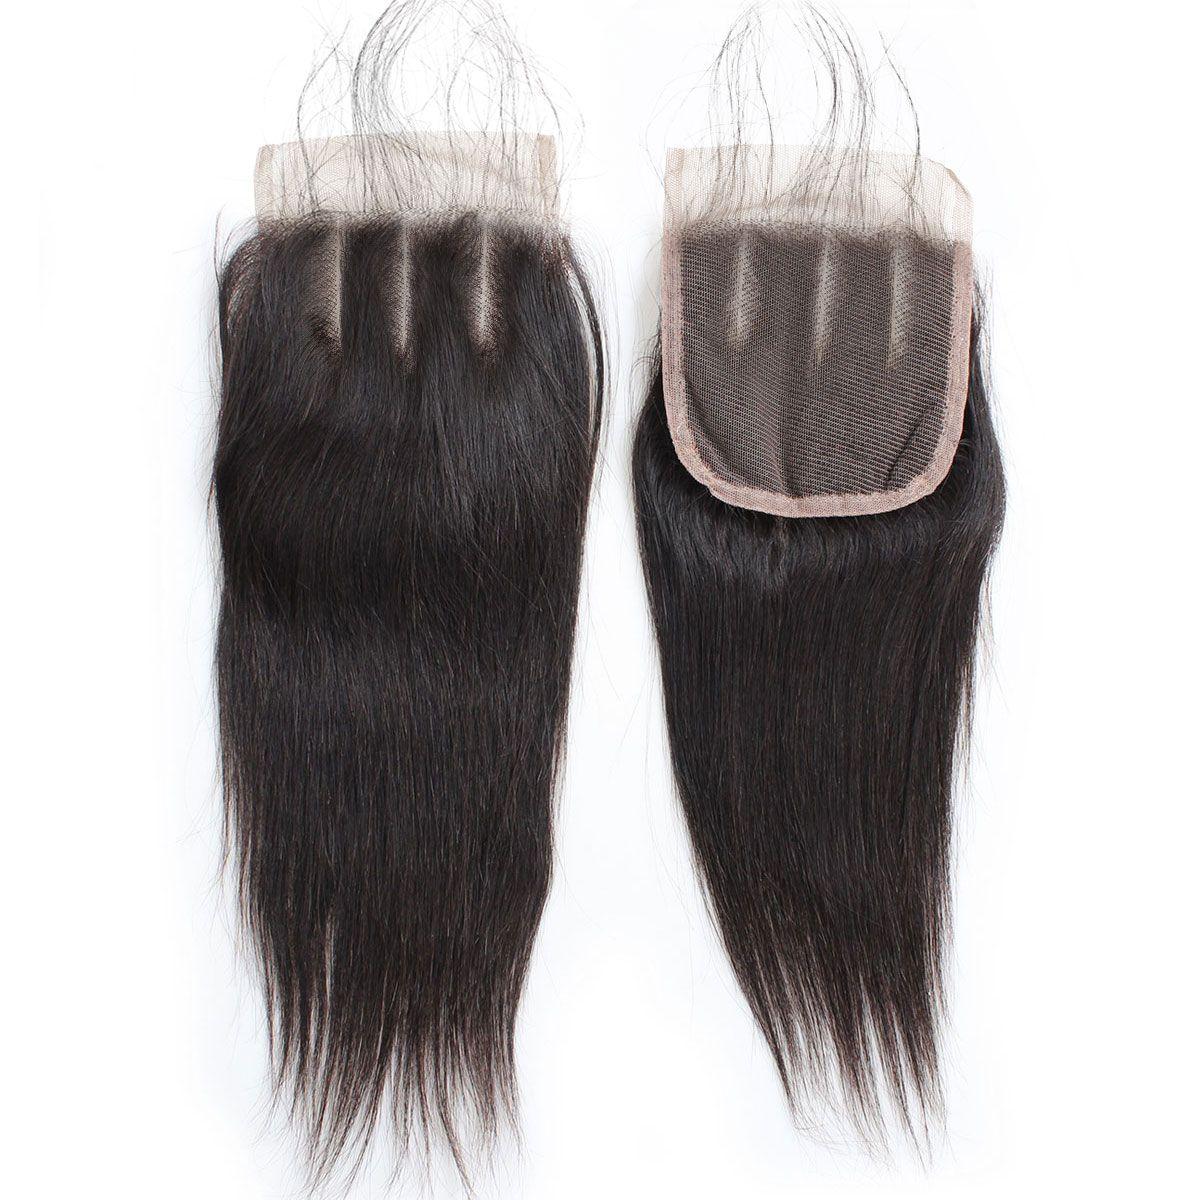 Шелковистое прямая мода кружево Закрытие 4 * 4 1PC Средняя Часть третьей Части бразильских малазийских перуанского волос девственницы Швейцарский шнурок Закрытие